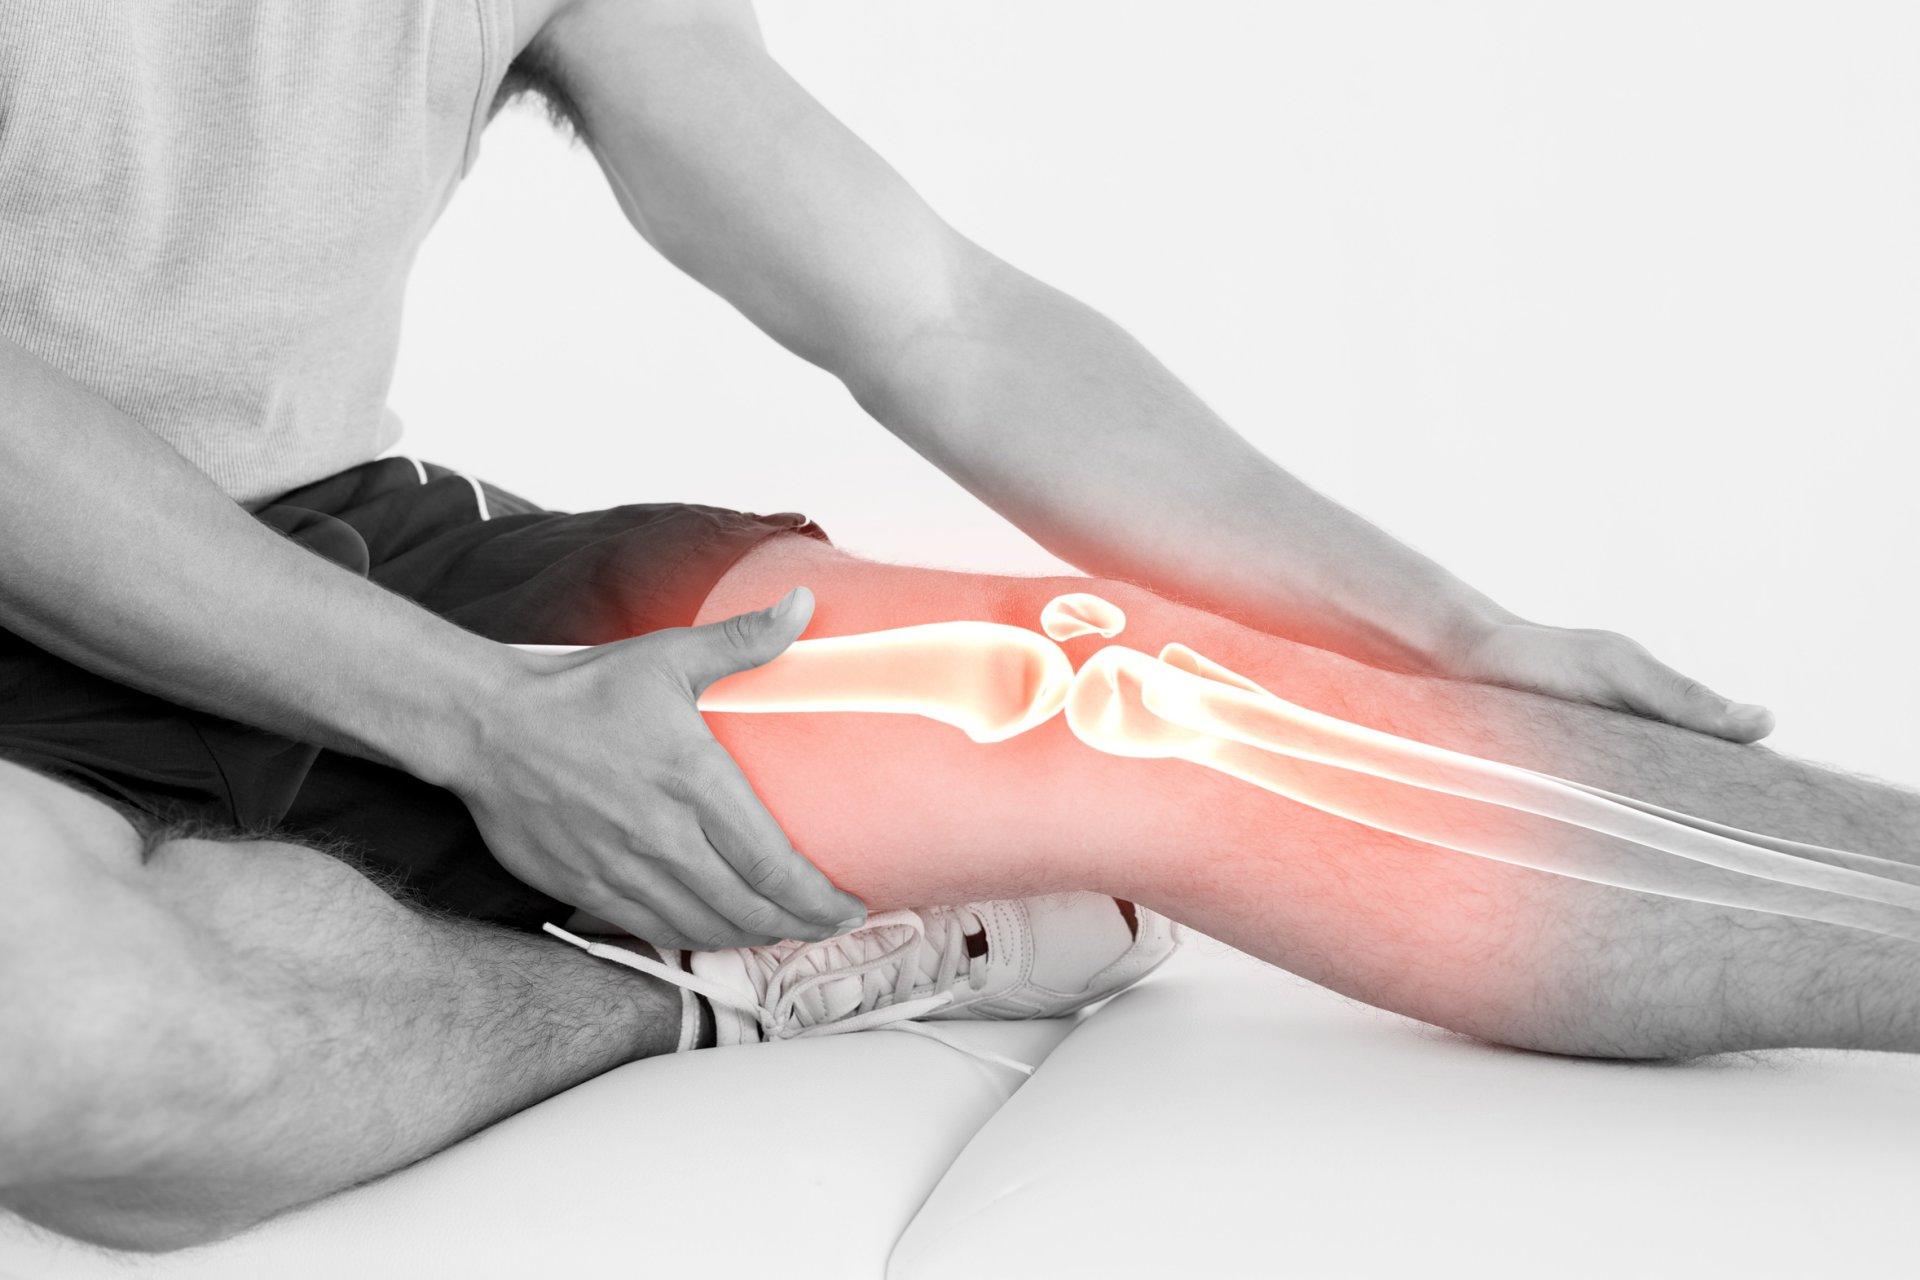 tepalas su tempimo ir skausmai sąnarių artrozė kas tai yra ir kaip ji yra traktuojama